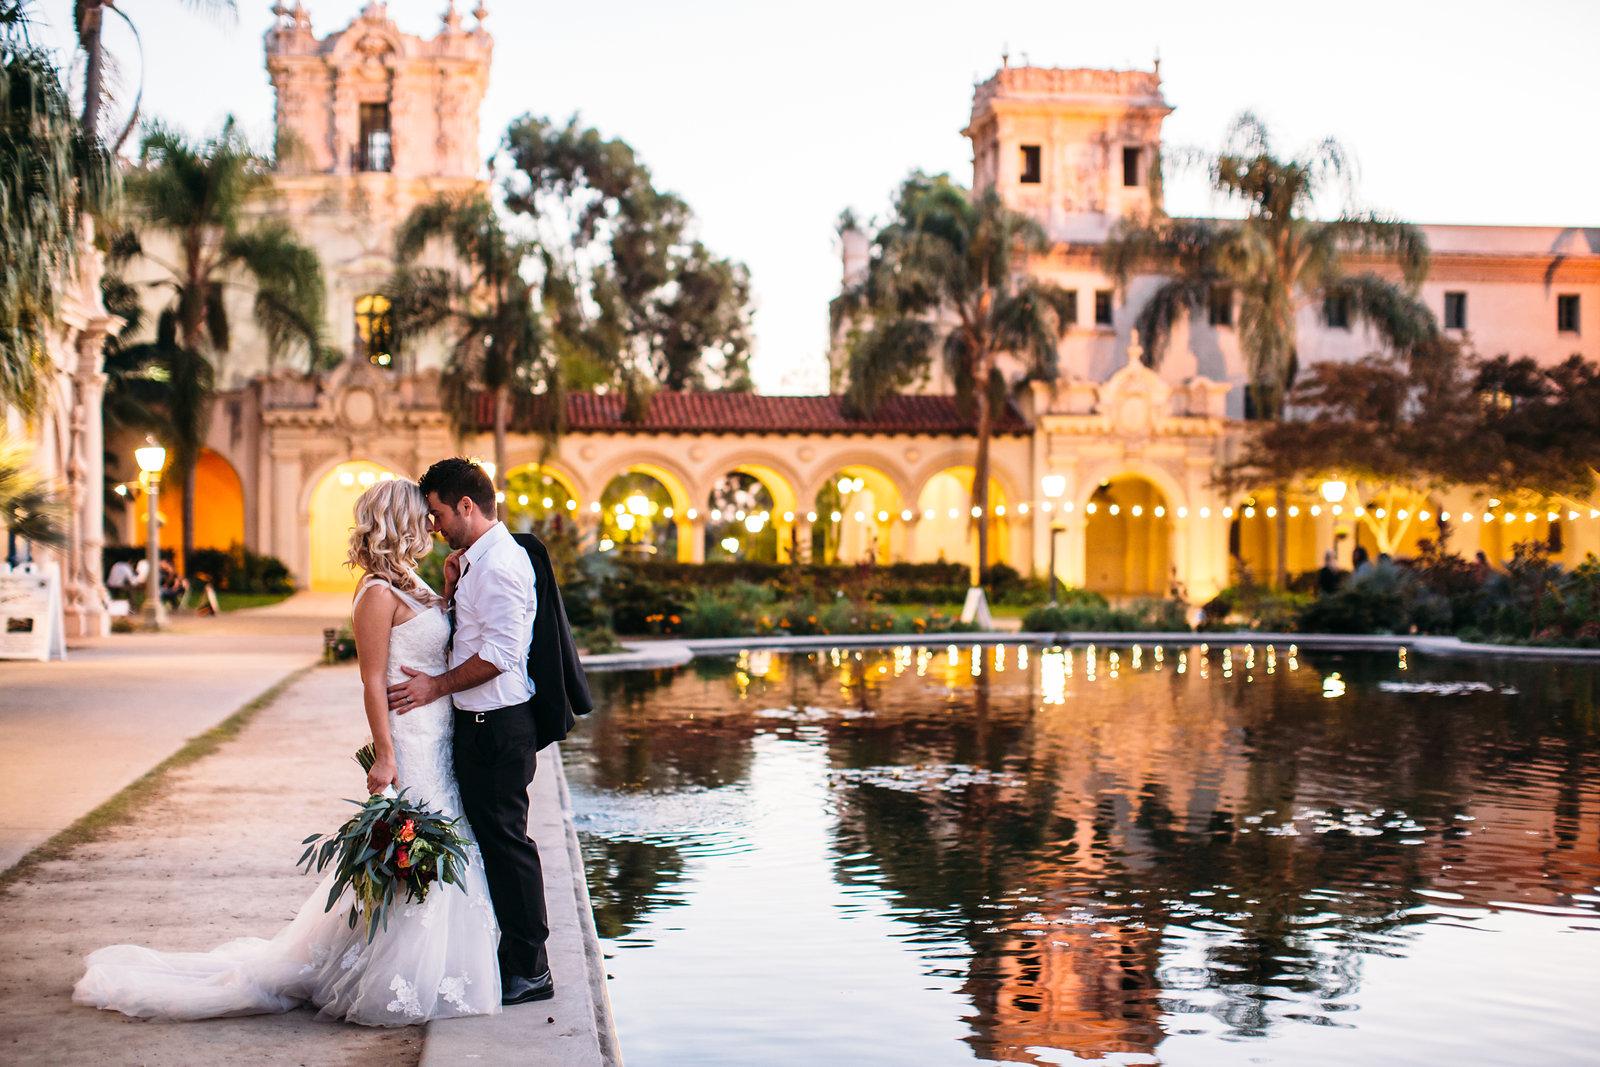 The Prado at Balboa Park Event and Banquet Center Balboa park wedding photos